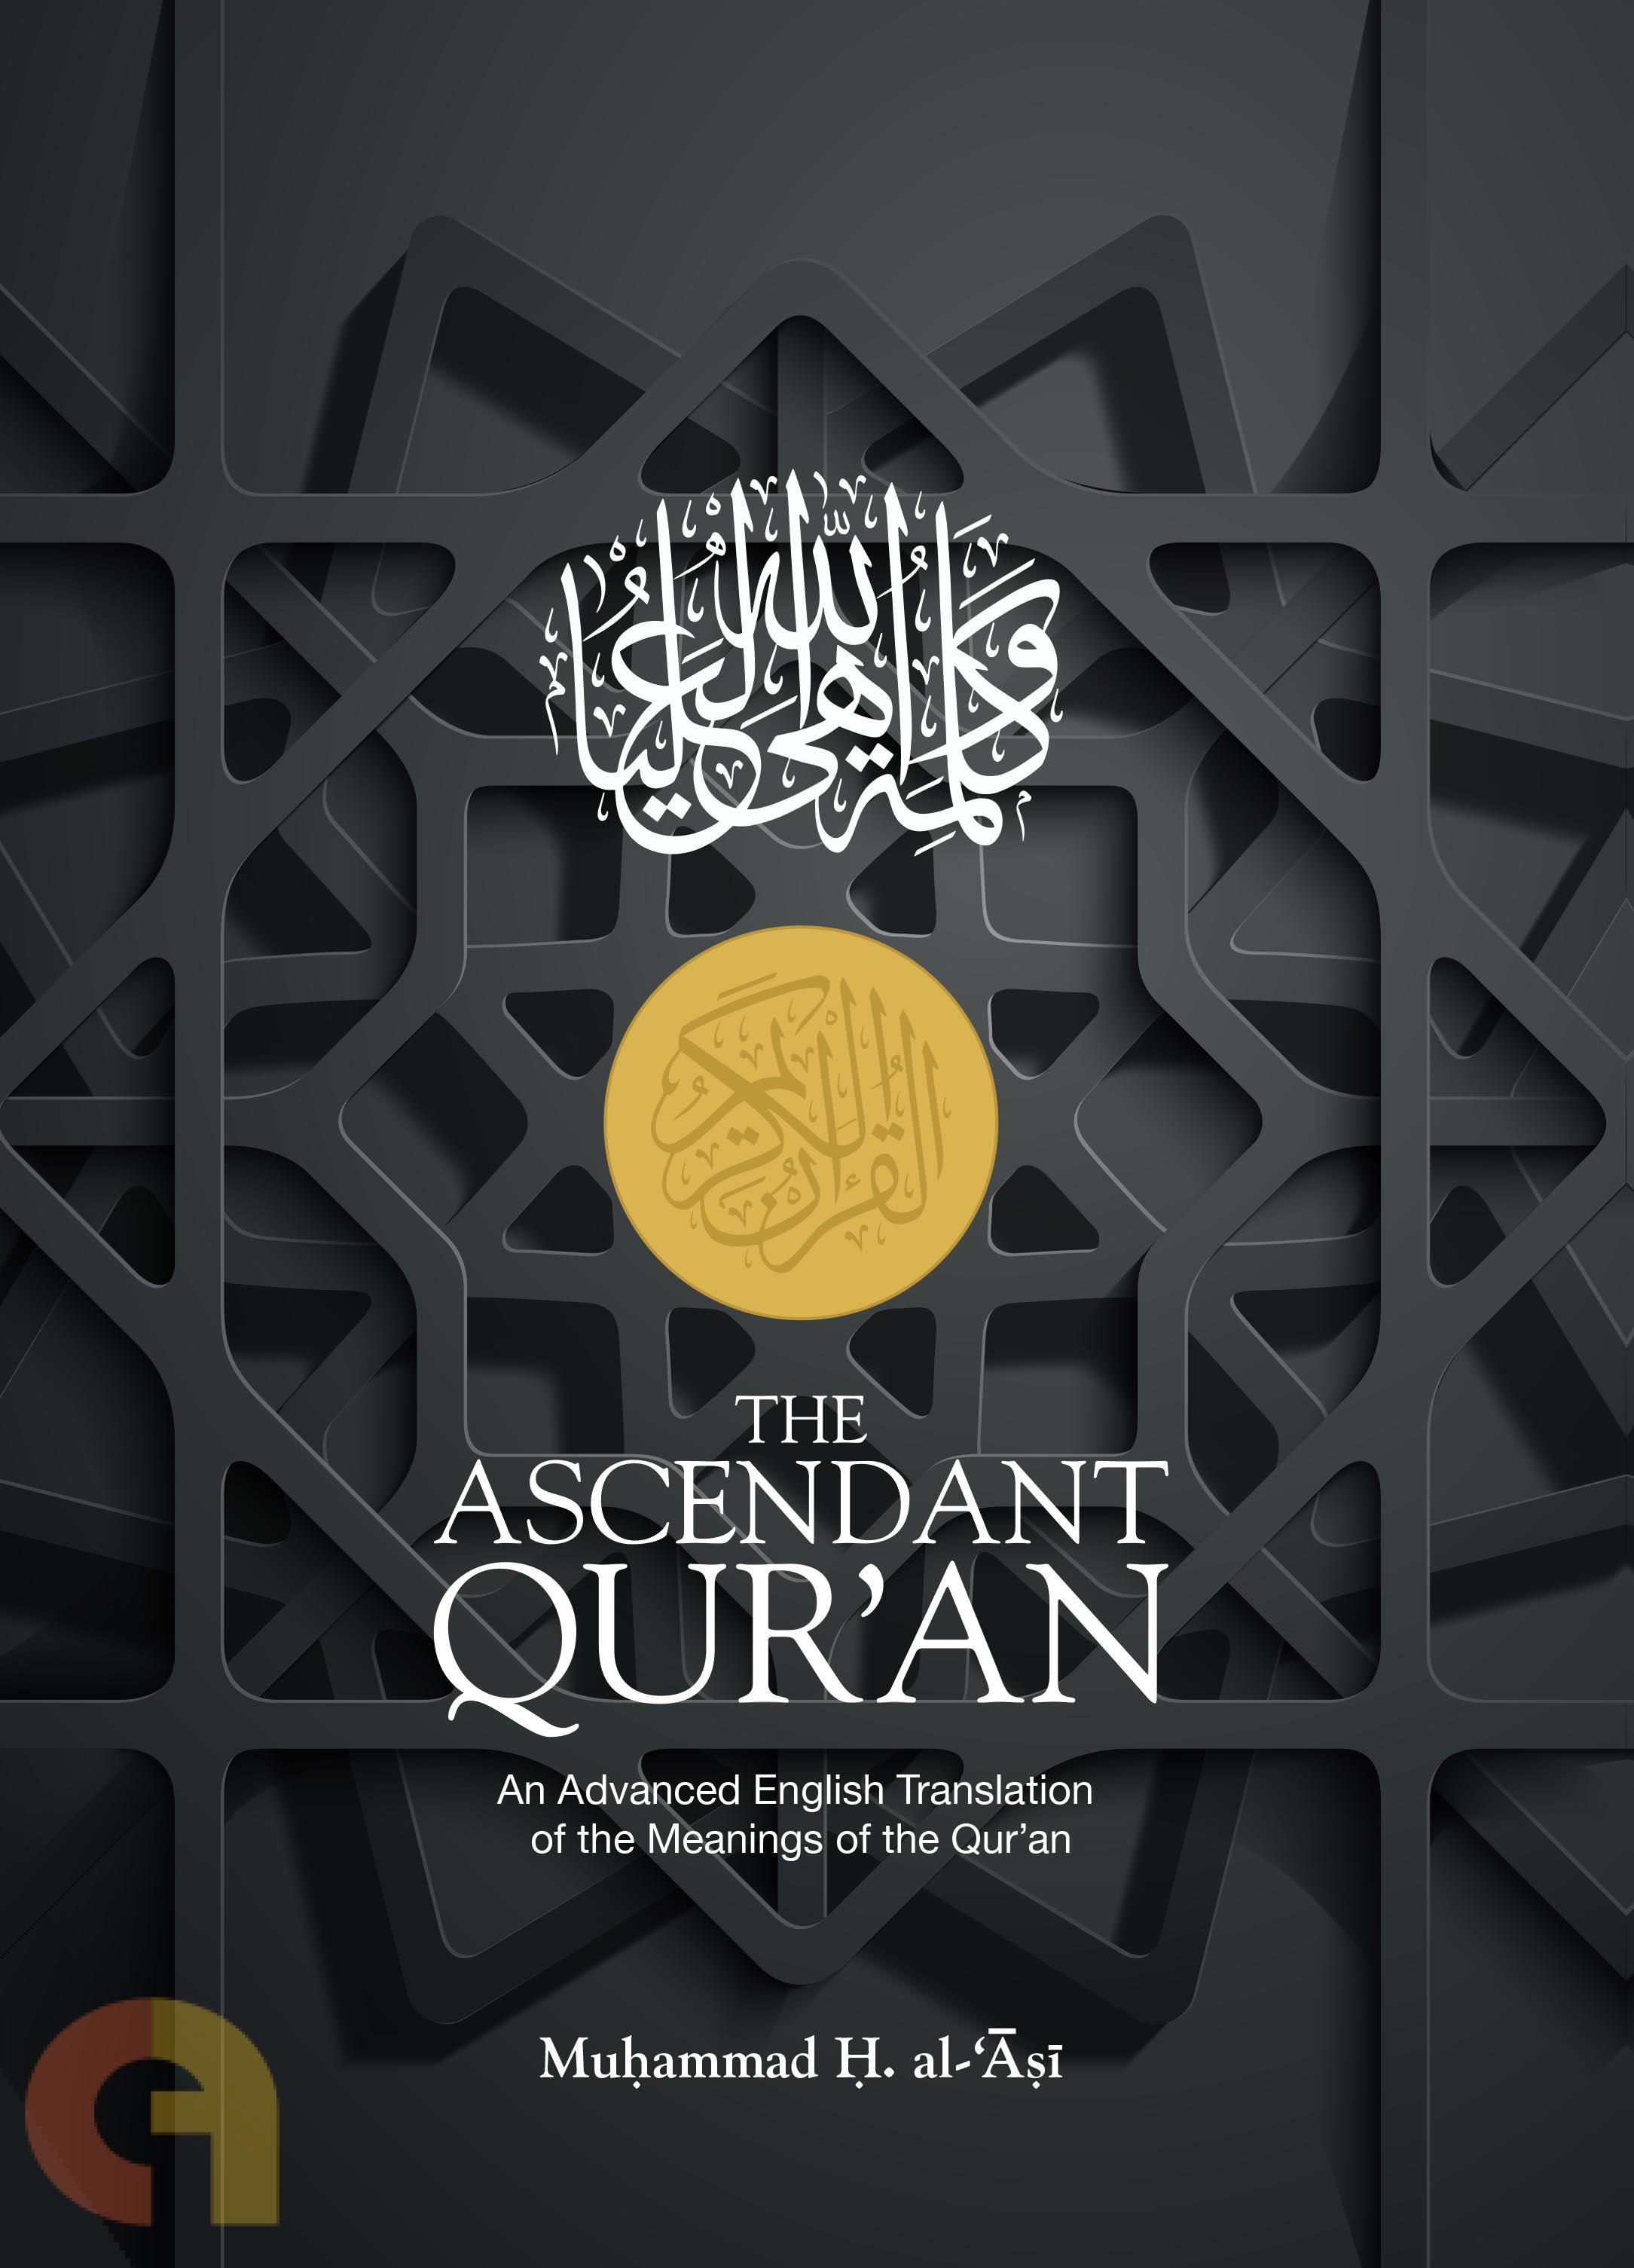 The Ascendant Quran